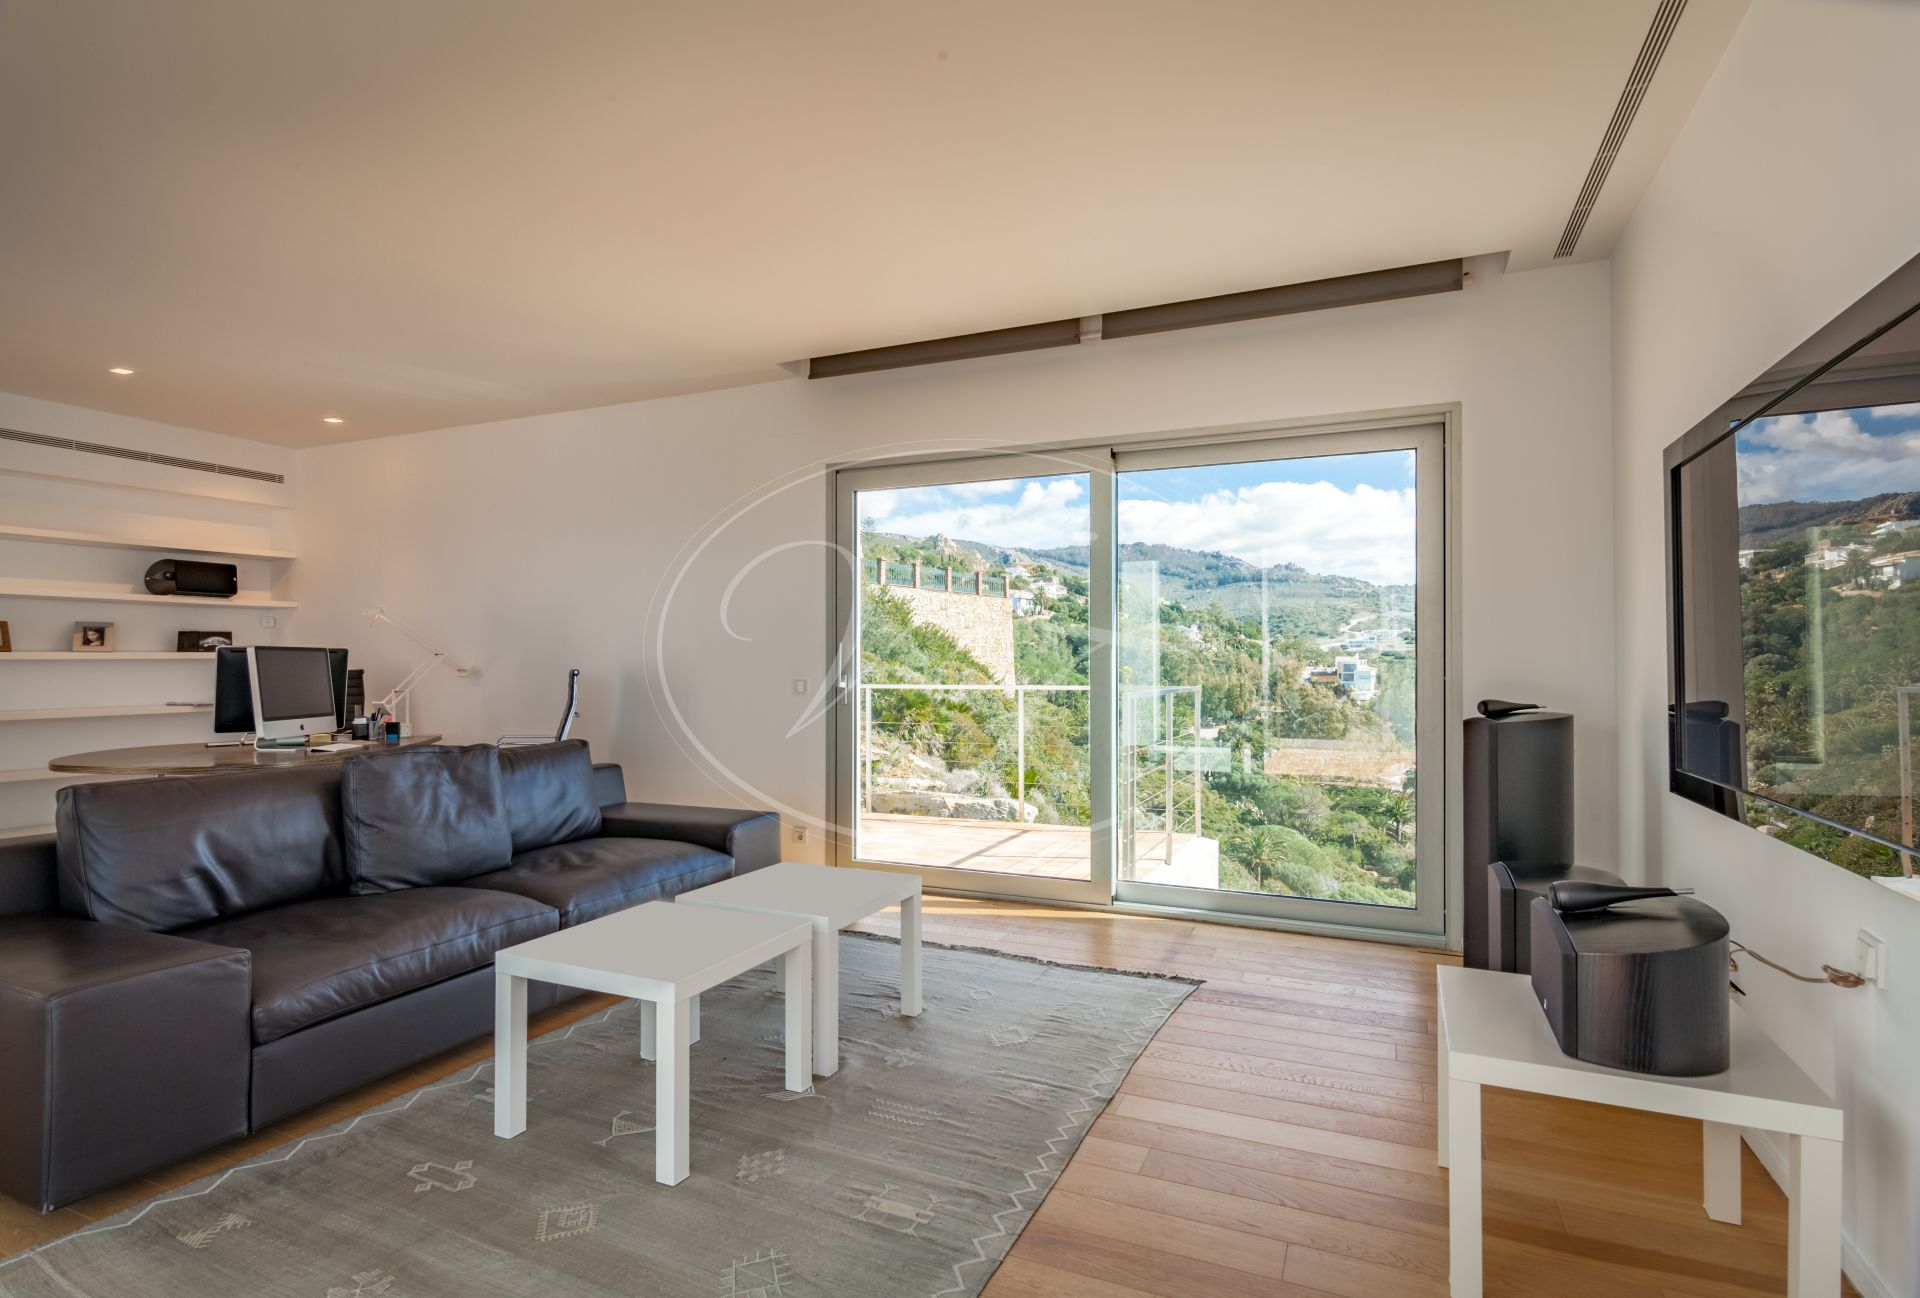 Villa for sale in Zahara de los Atunes, Barbate